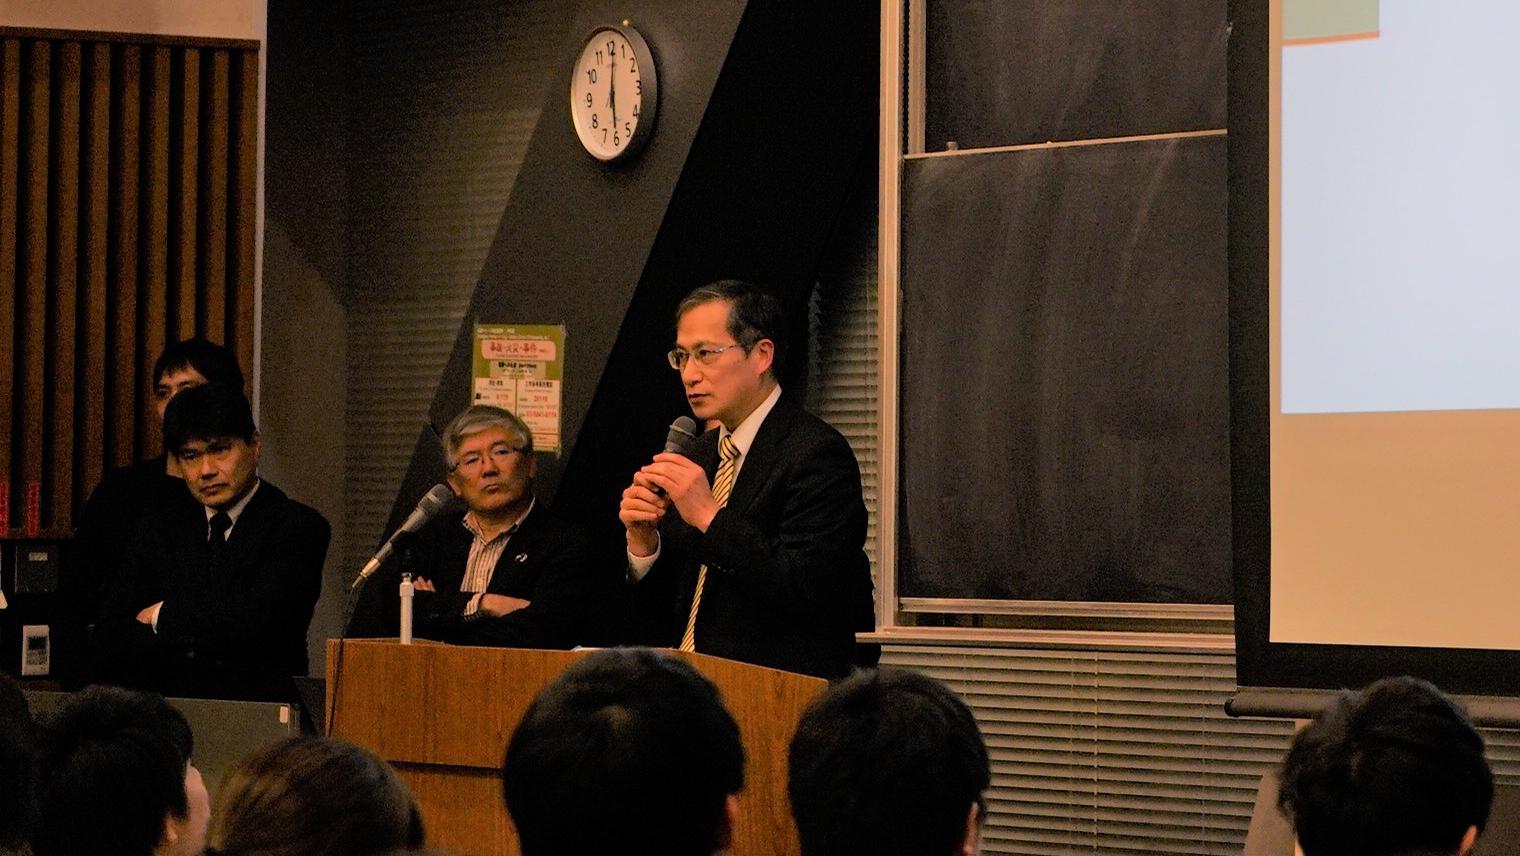 東京大学大学院工学系研究科 副研究科長 浅見泰司教授